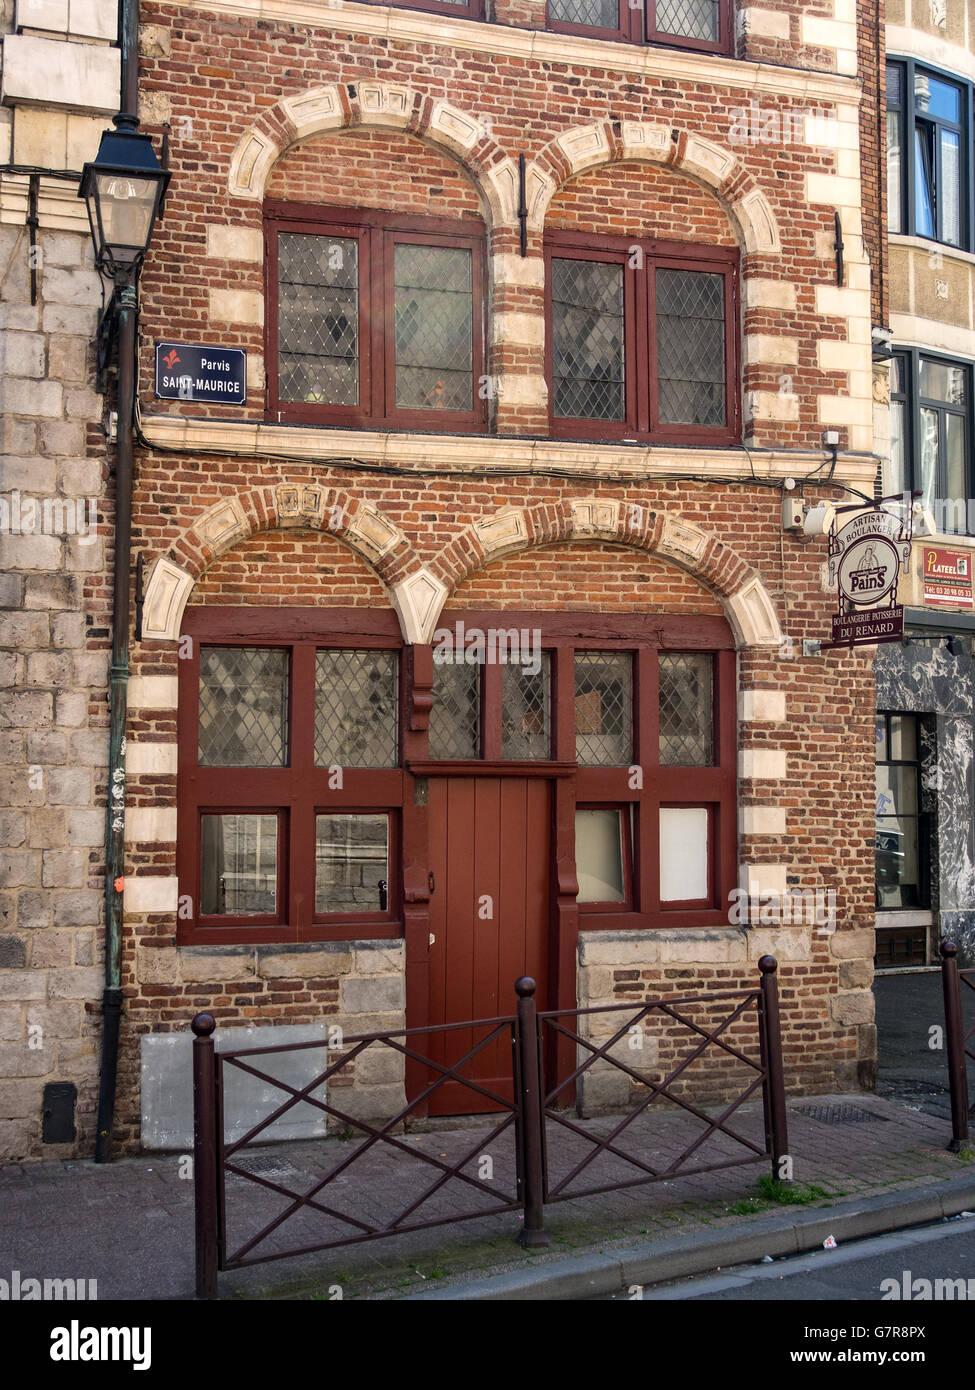 Artisan Boulangerie bakery shop in Lille - Stock Image